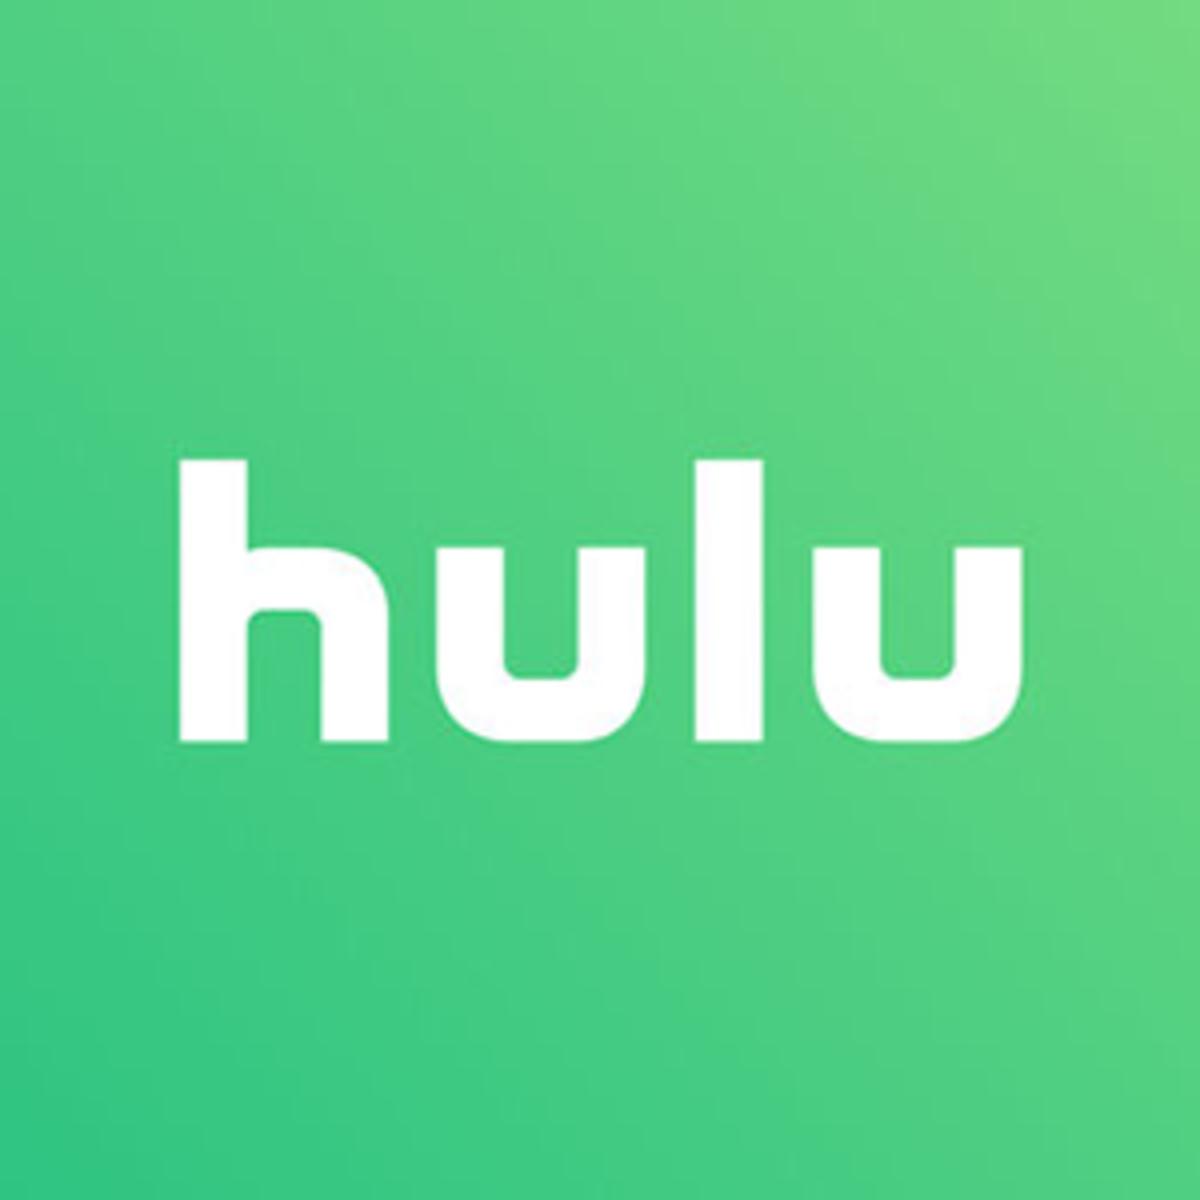 NASCAR live stream: Hulu +Live TV